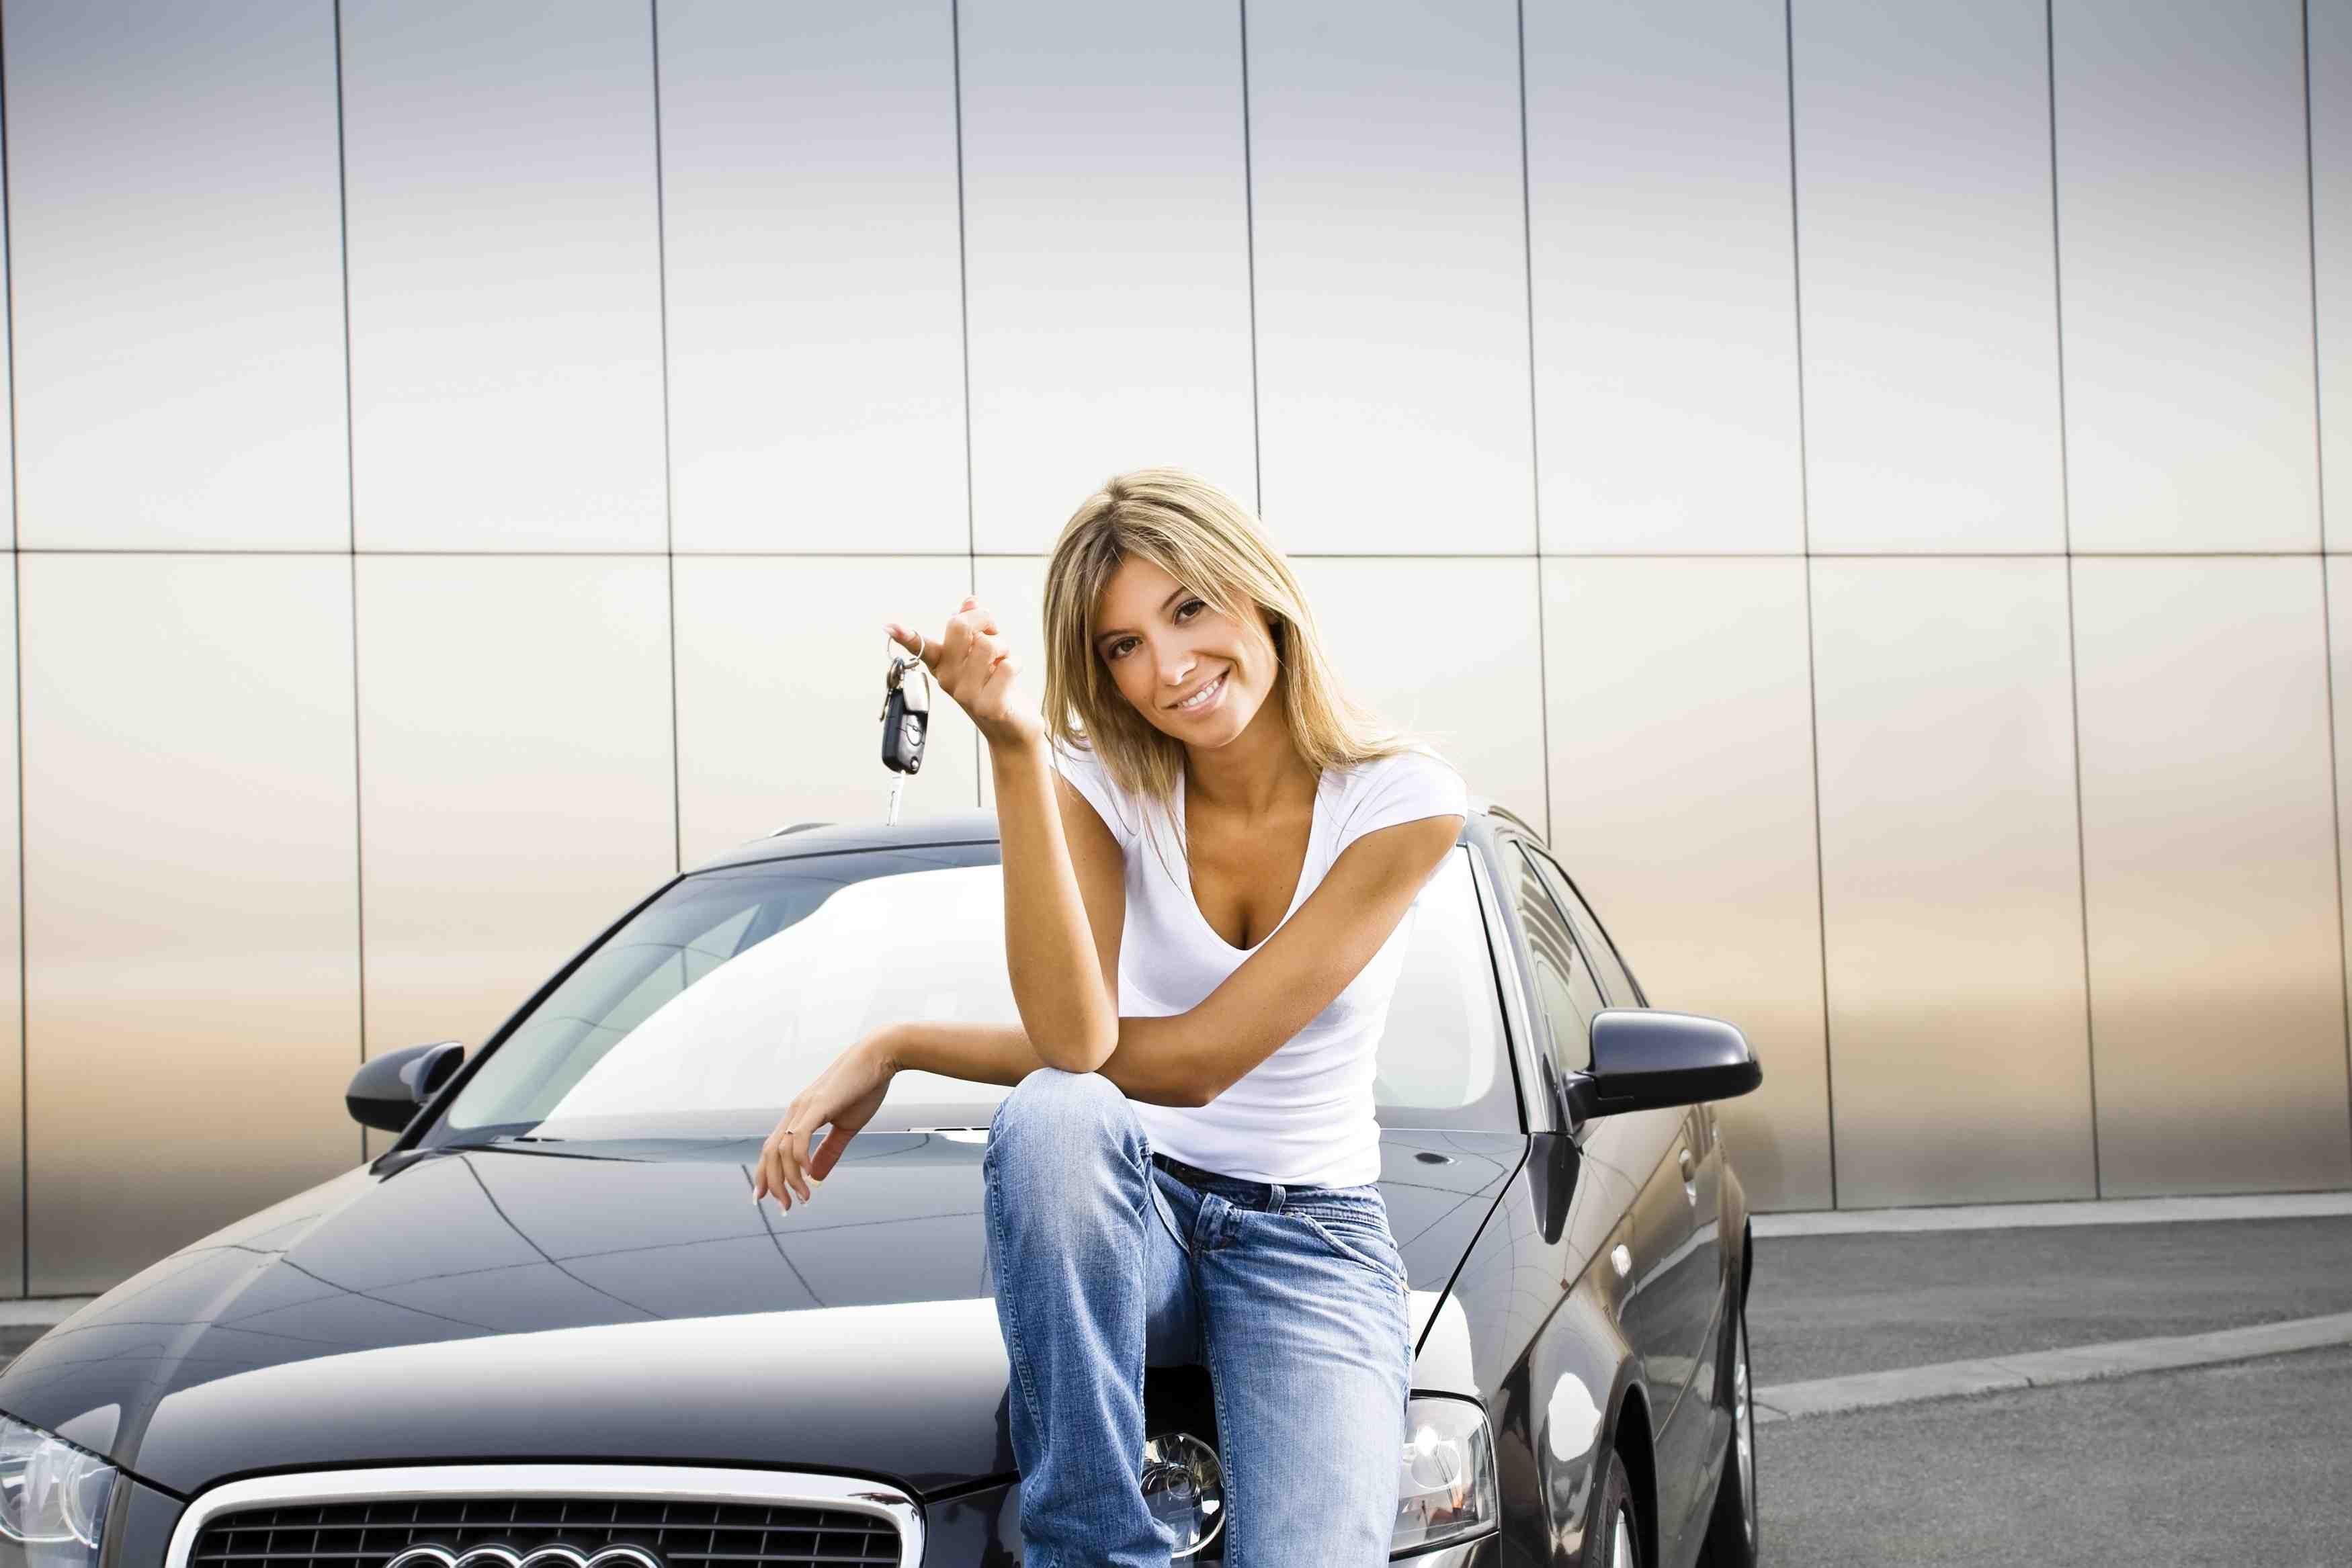 Продажа автомобиля по генеральной доверенности